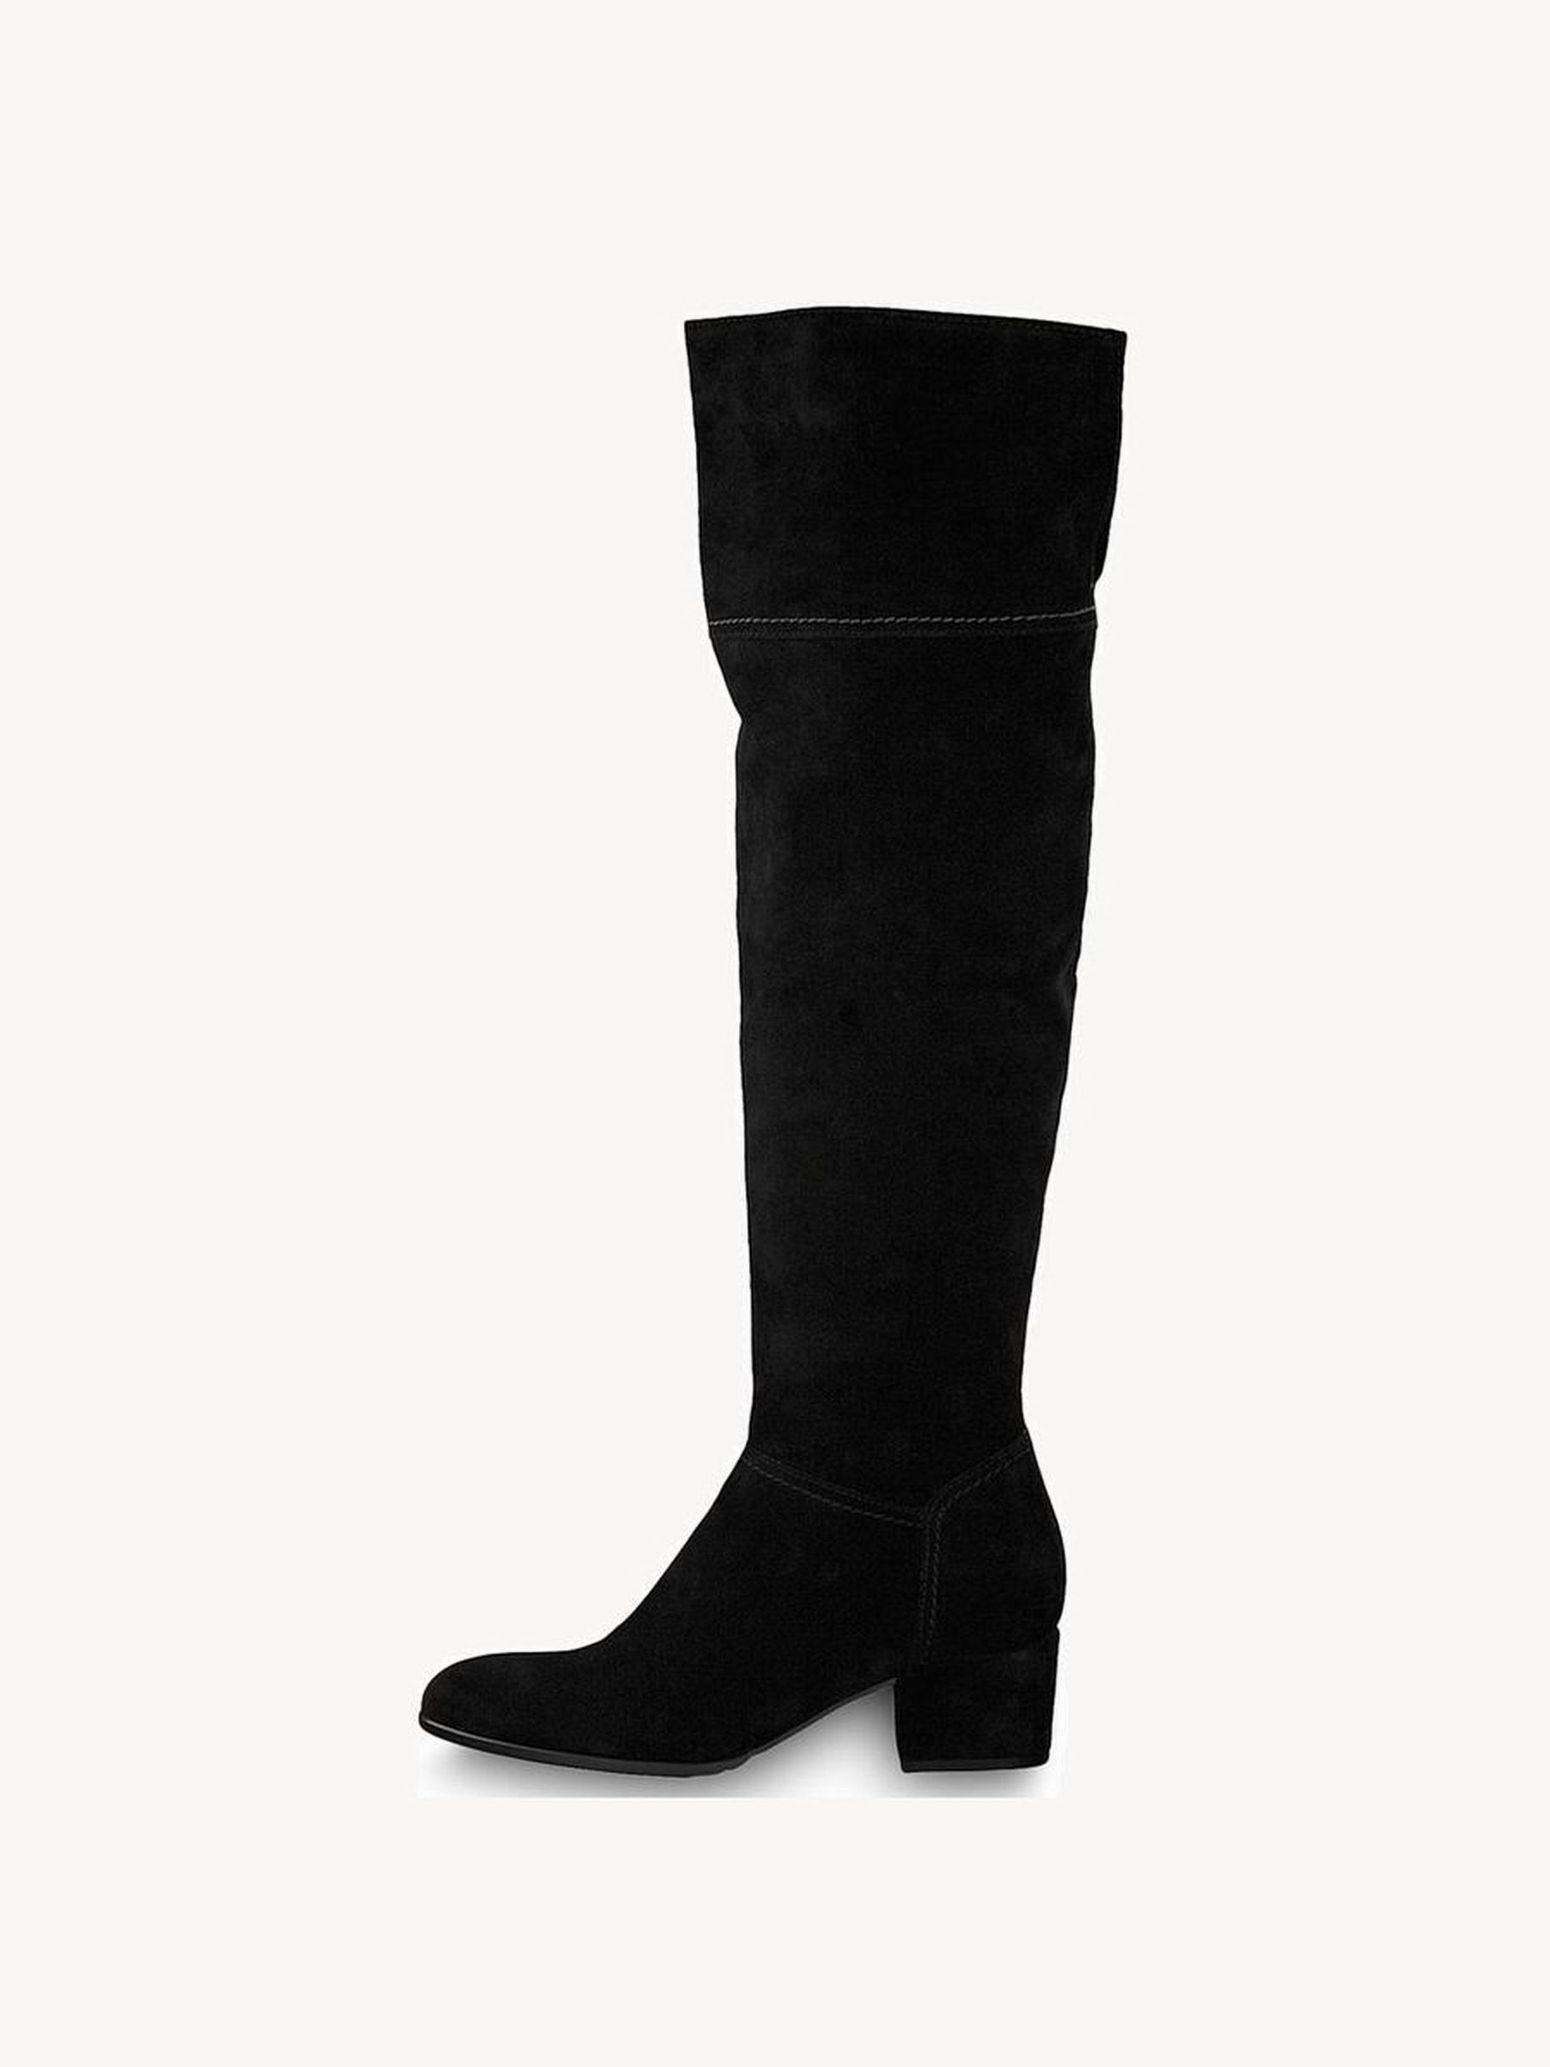 Stiefel für Damen online kaufen - Tamaris Damenschuhe